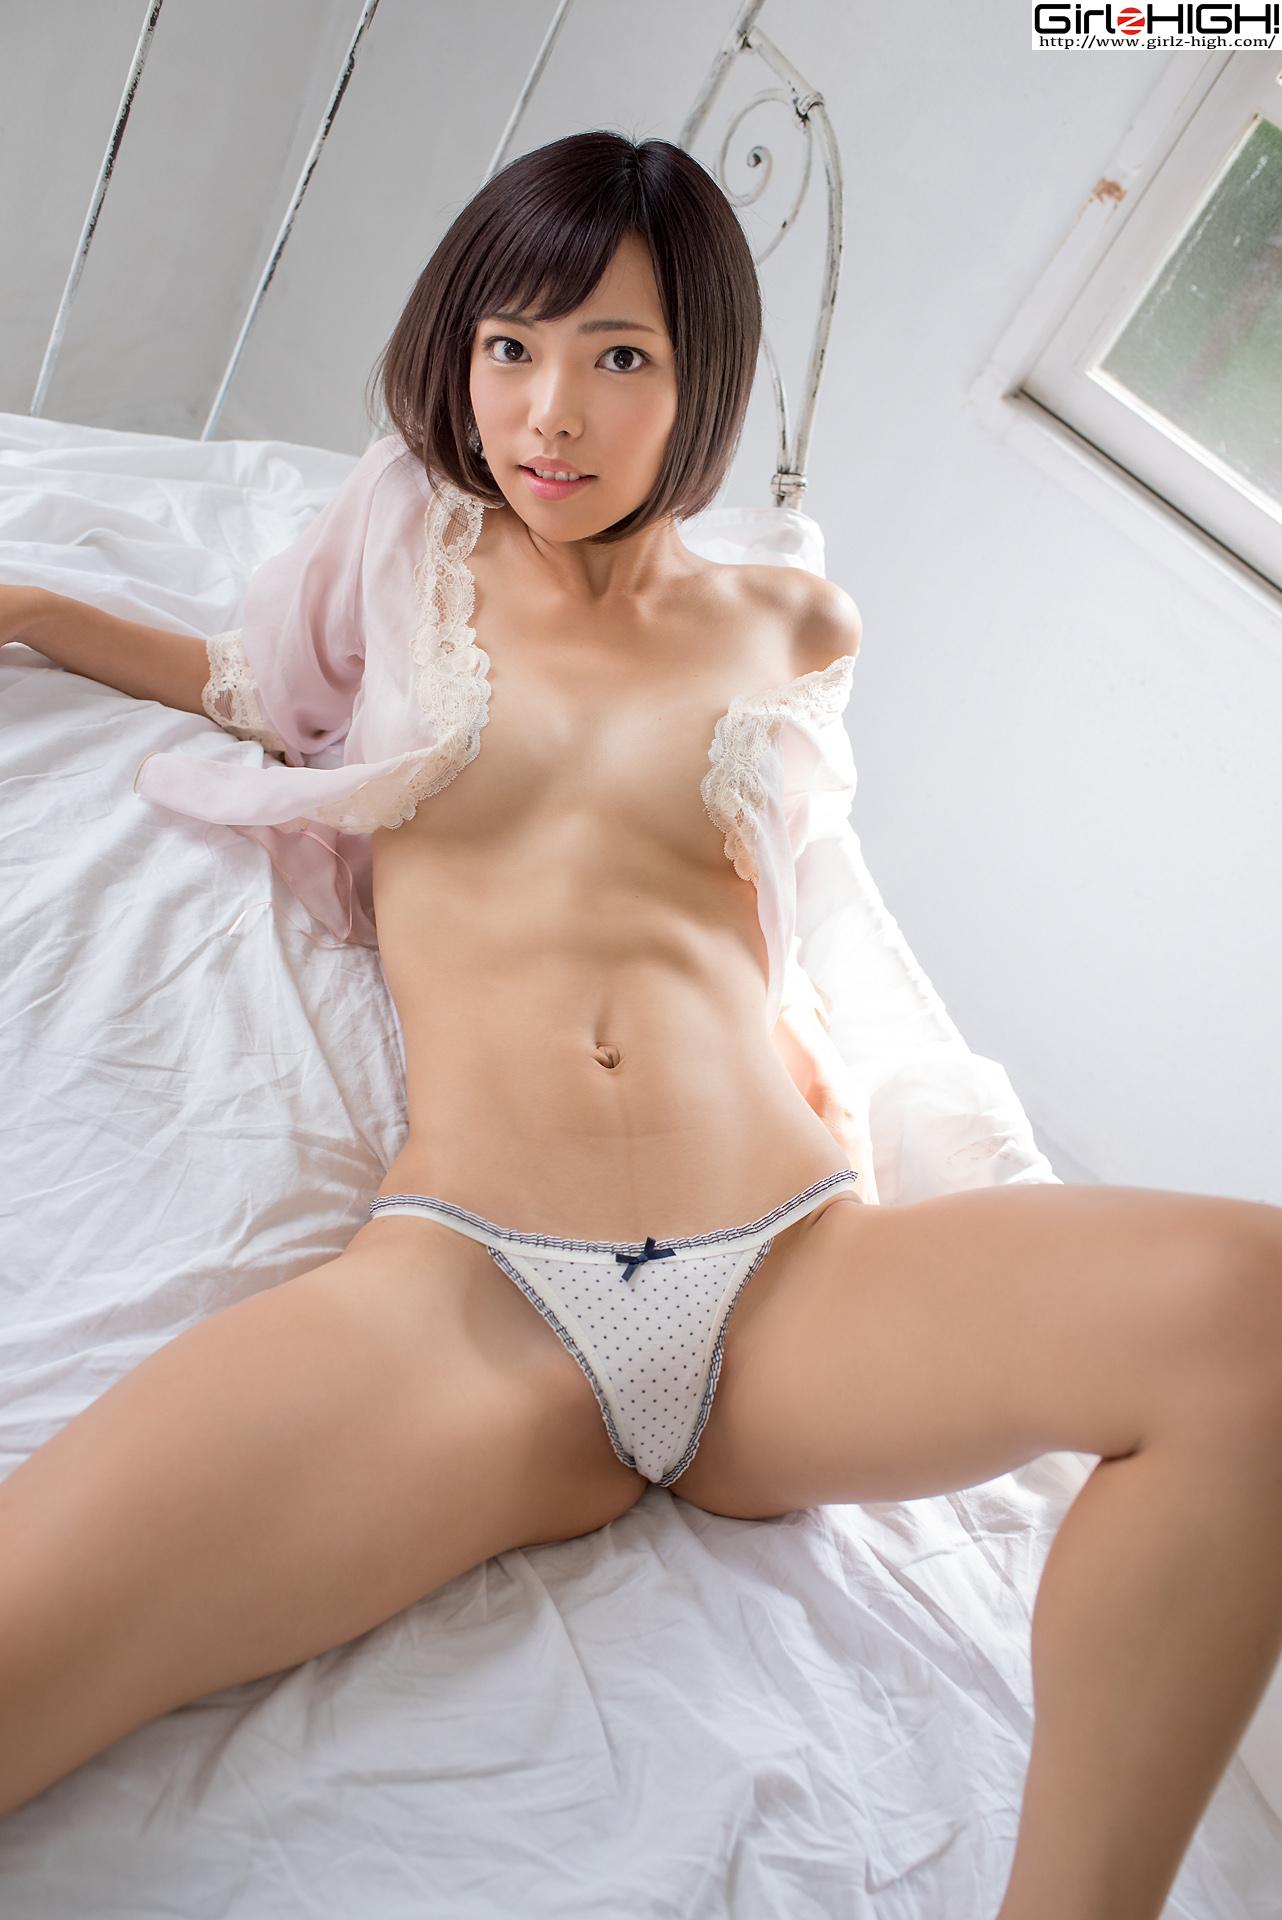 pakishtani hot nude pussy girlz